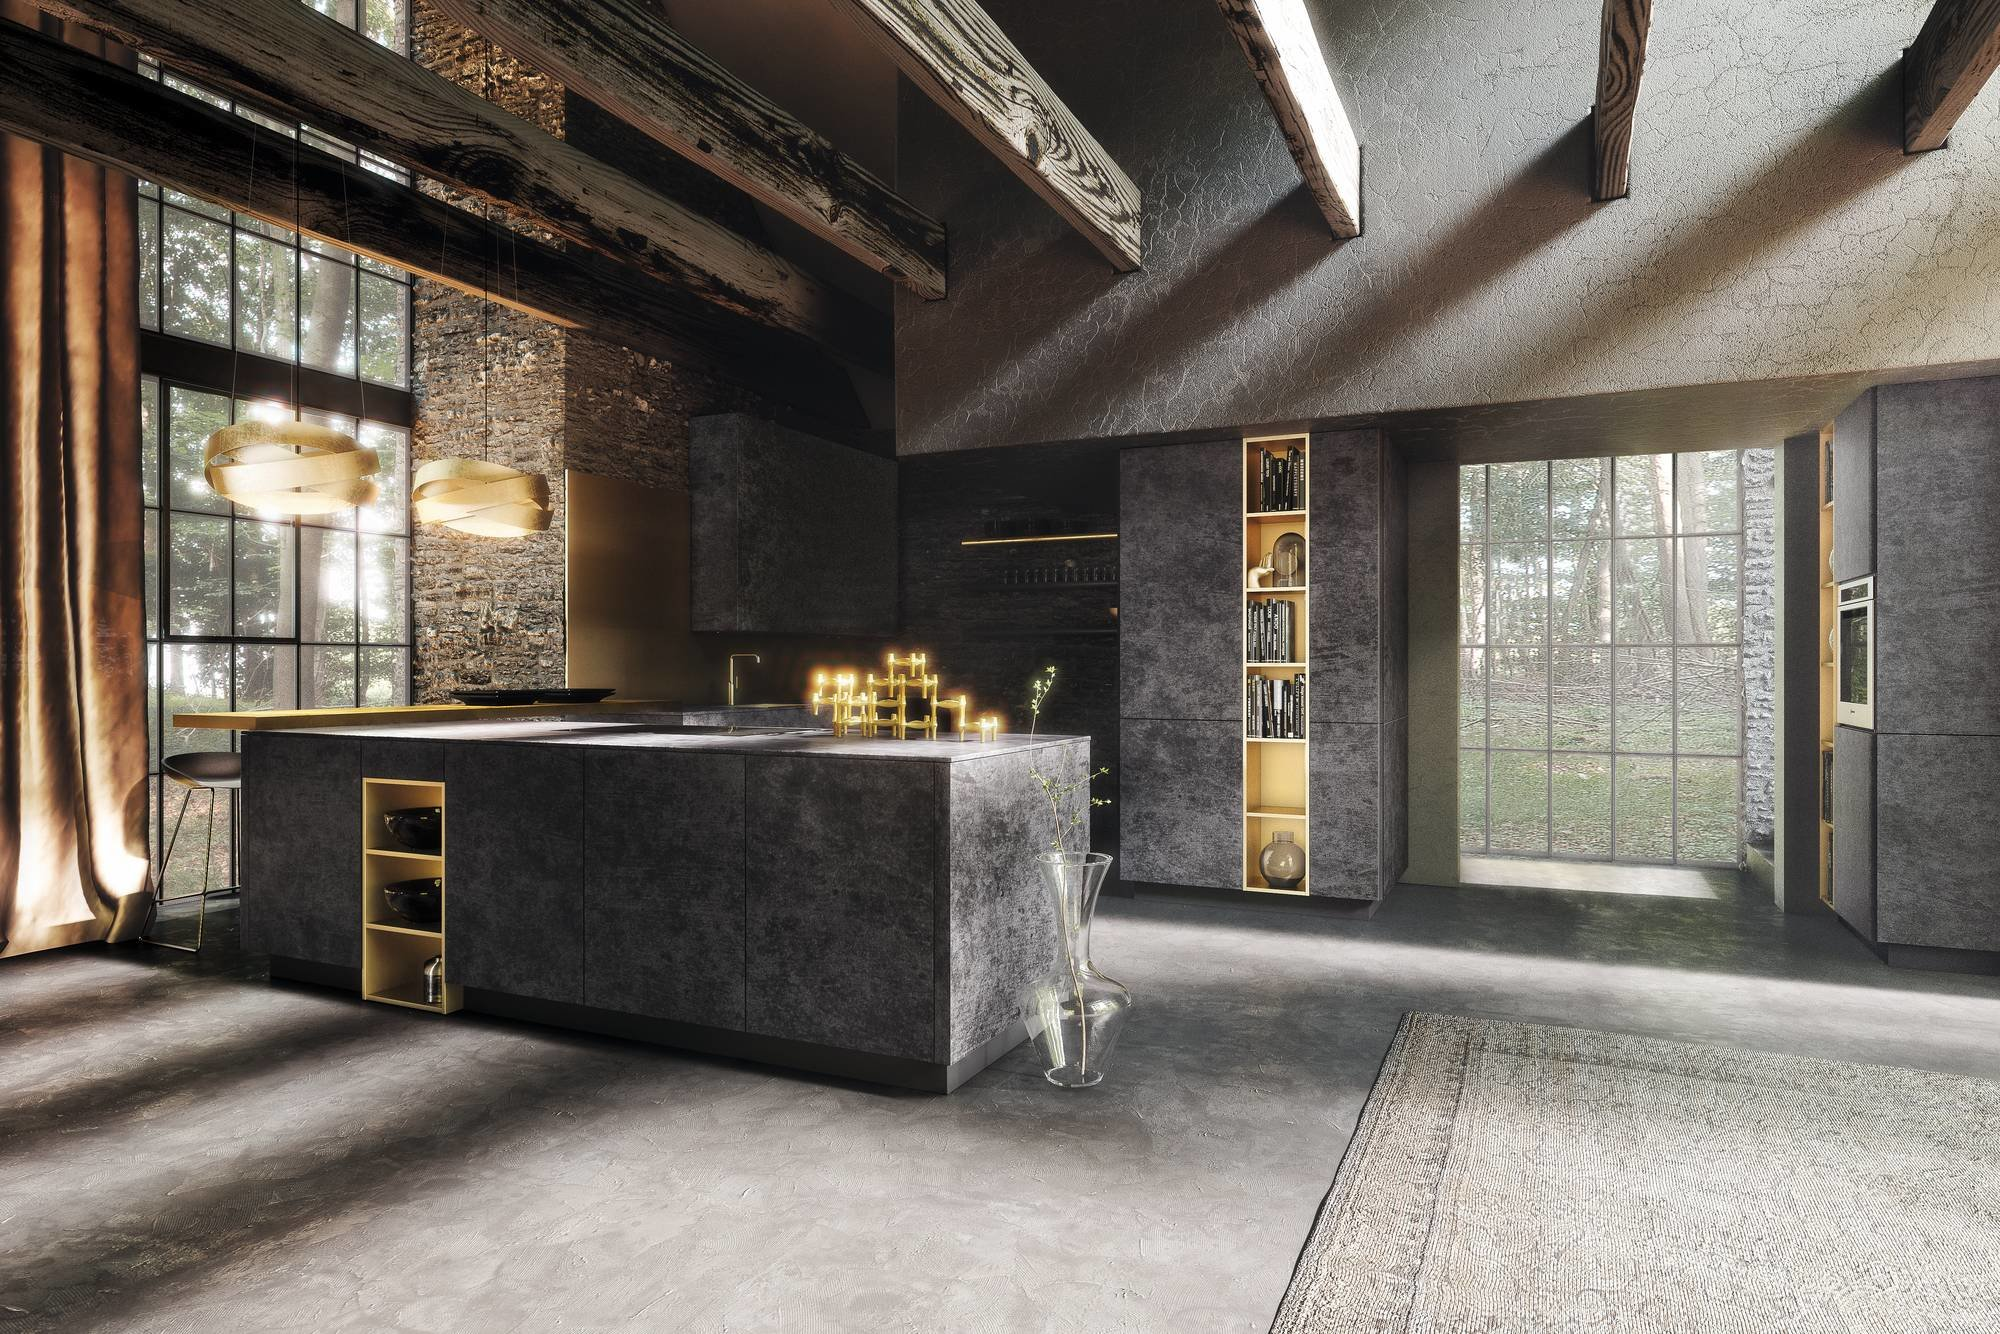 Full Size of Alno Küchen Kchen Kaufen Hochwertige Kche Bis Zu 70 Gnstiger Regal Küche Wohnzimmer Alno Küchen